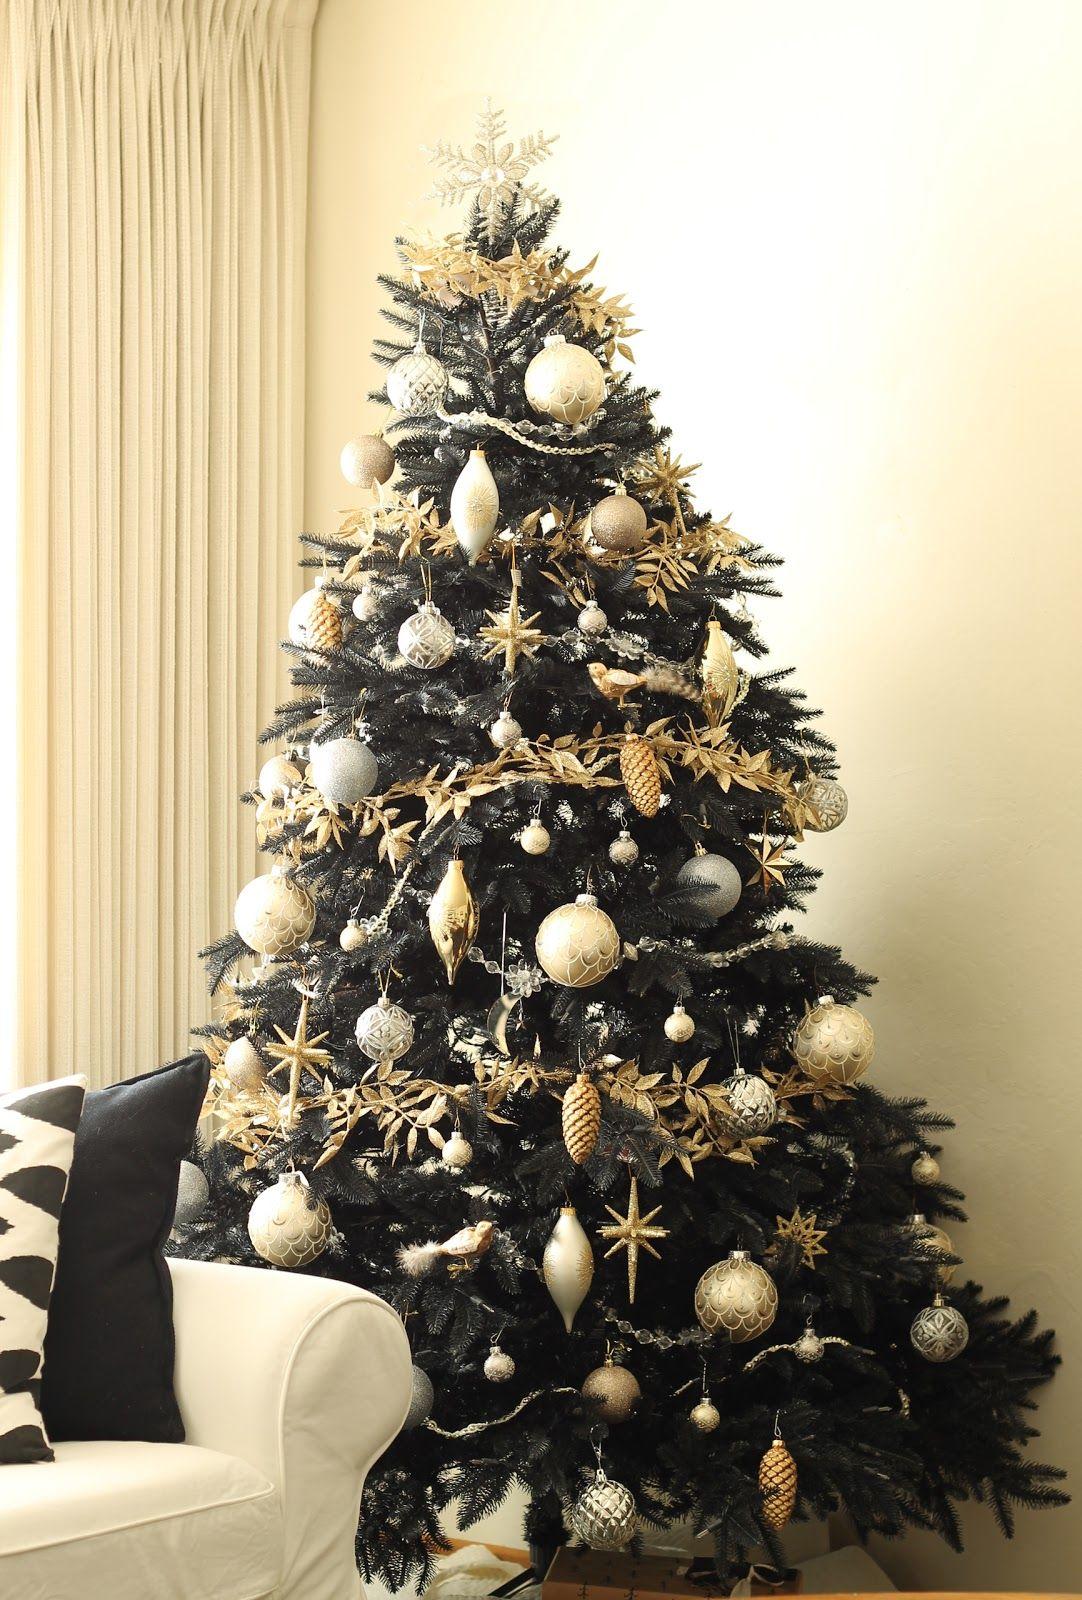 12 Best Black Christmas Tree Ideas  Decorate Black Christmas Trees